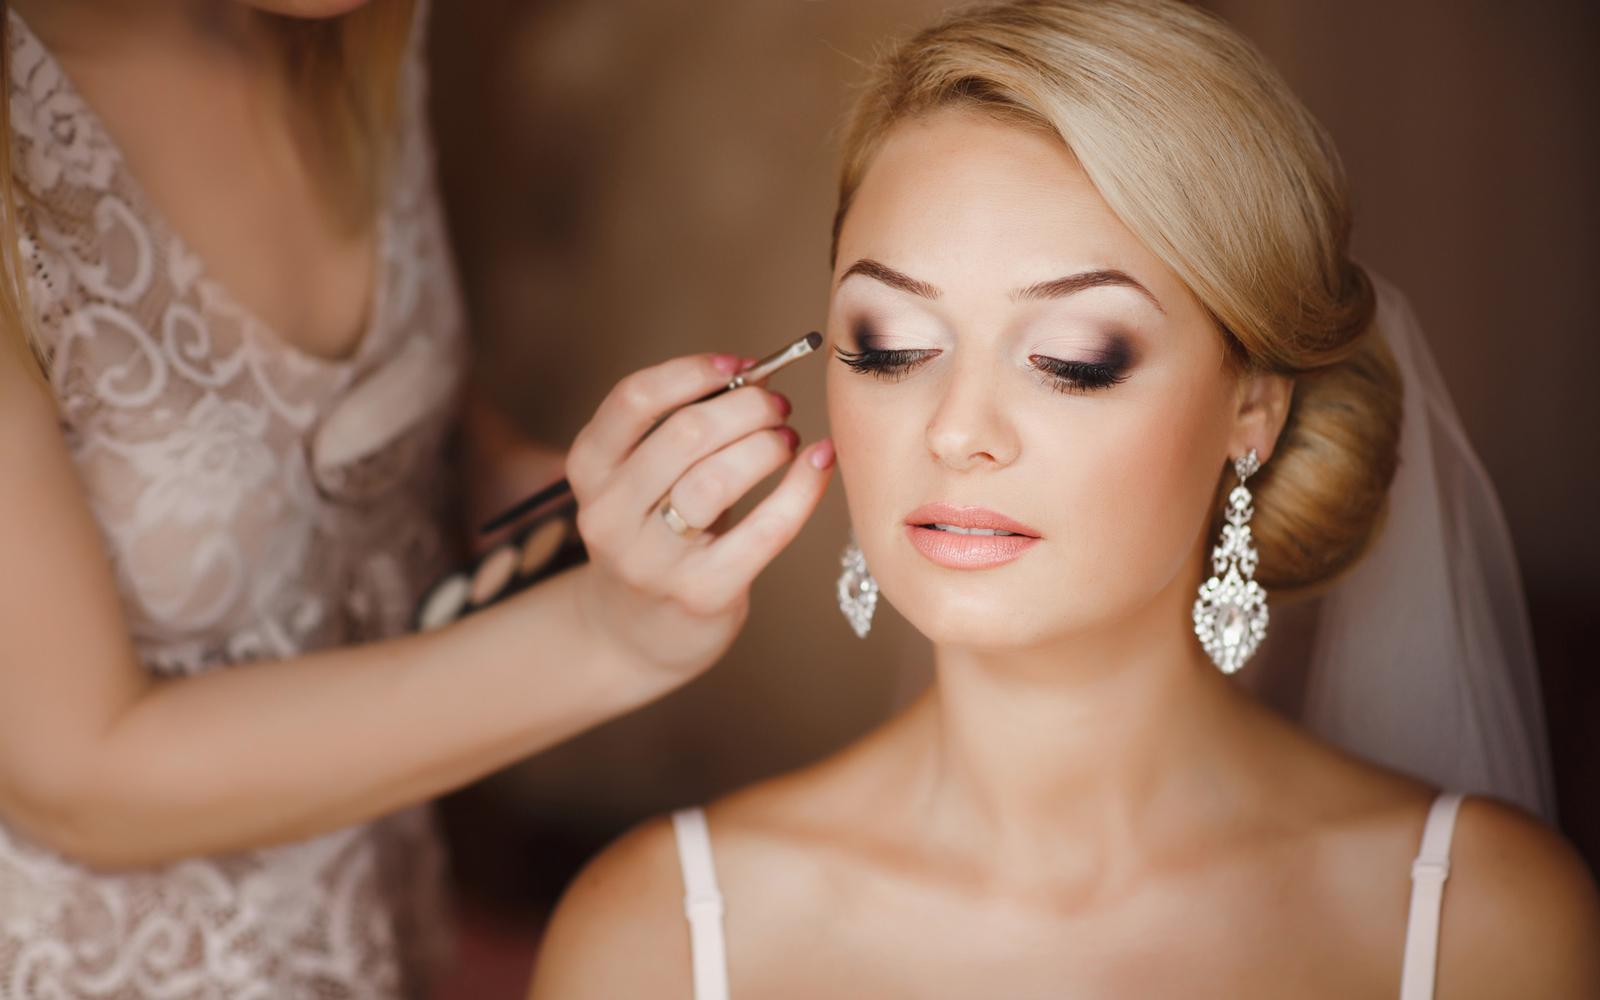 Svadobne ucesy a makeup - Obrázok č. 89